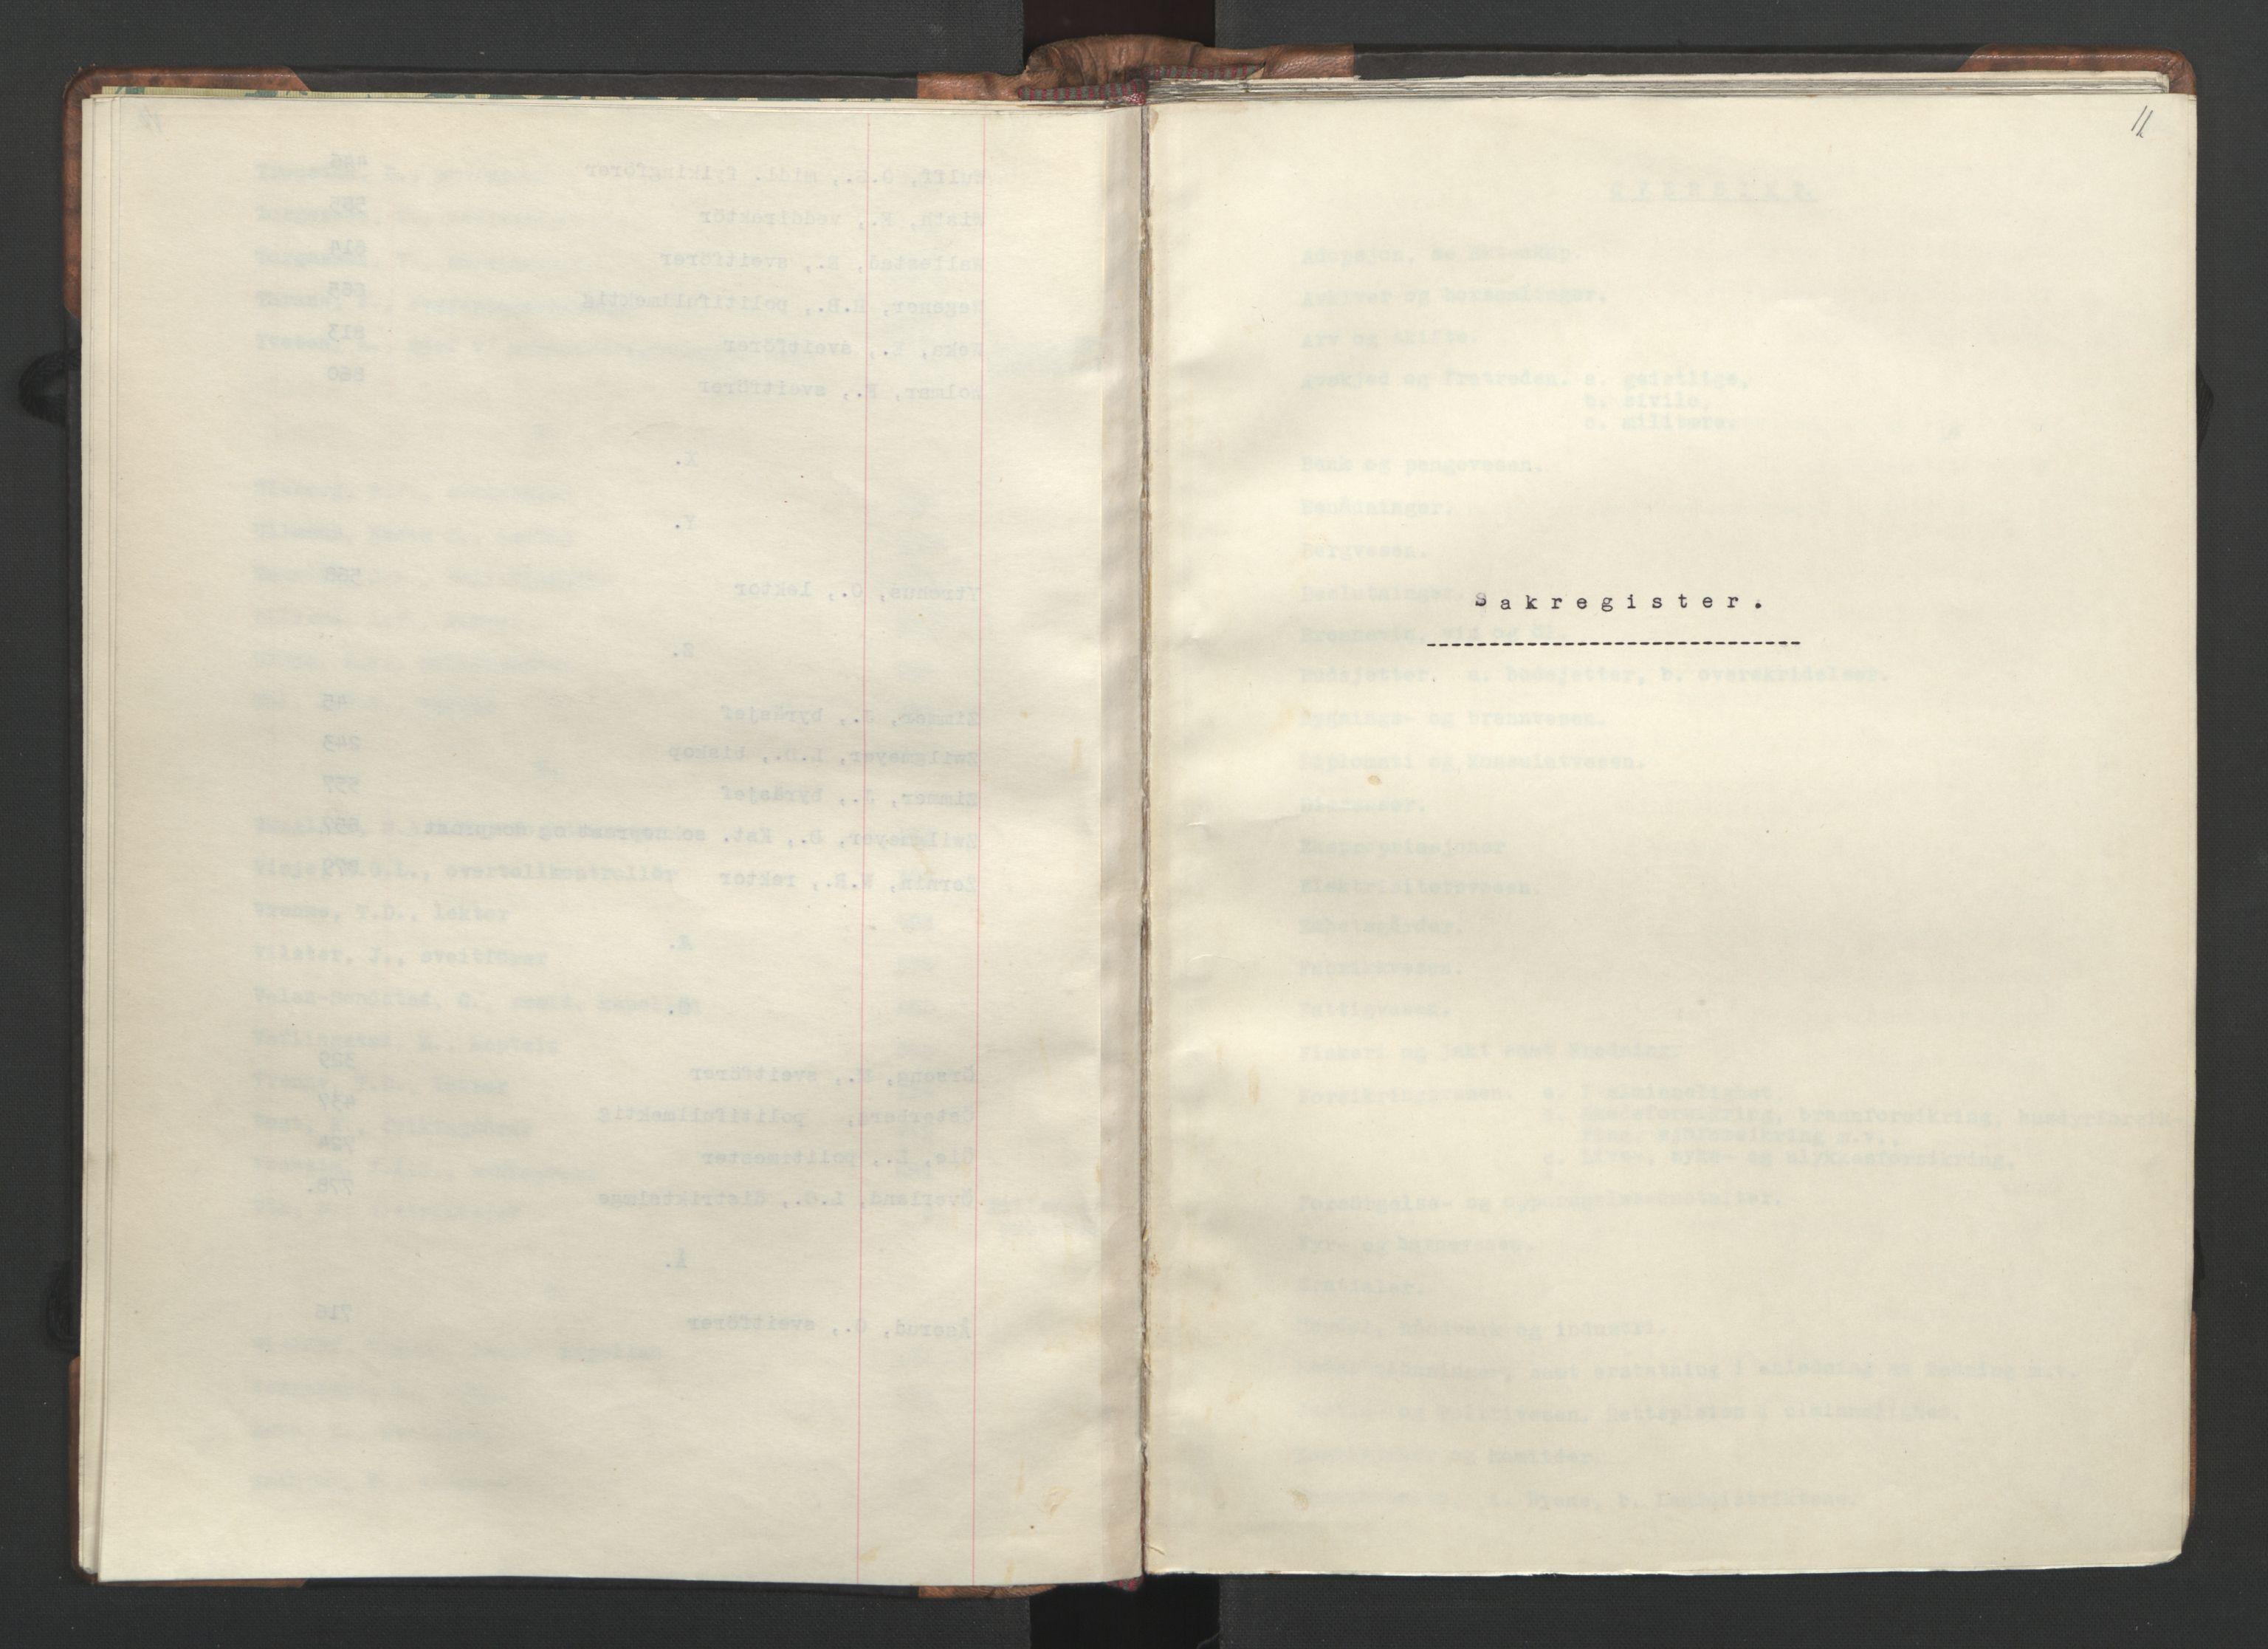 RA, NS-administrasjonen 1940-1945 (Statsrådsekretariatet, de kommisariske statsråder mm), D/Da/L0002: Register (RA j.nr. 985/1943, tilgangsnr. 17/1943), 1942, s. 10b-11a